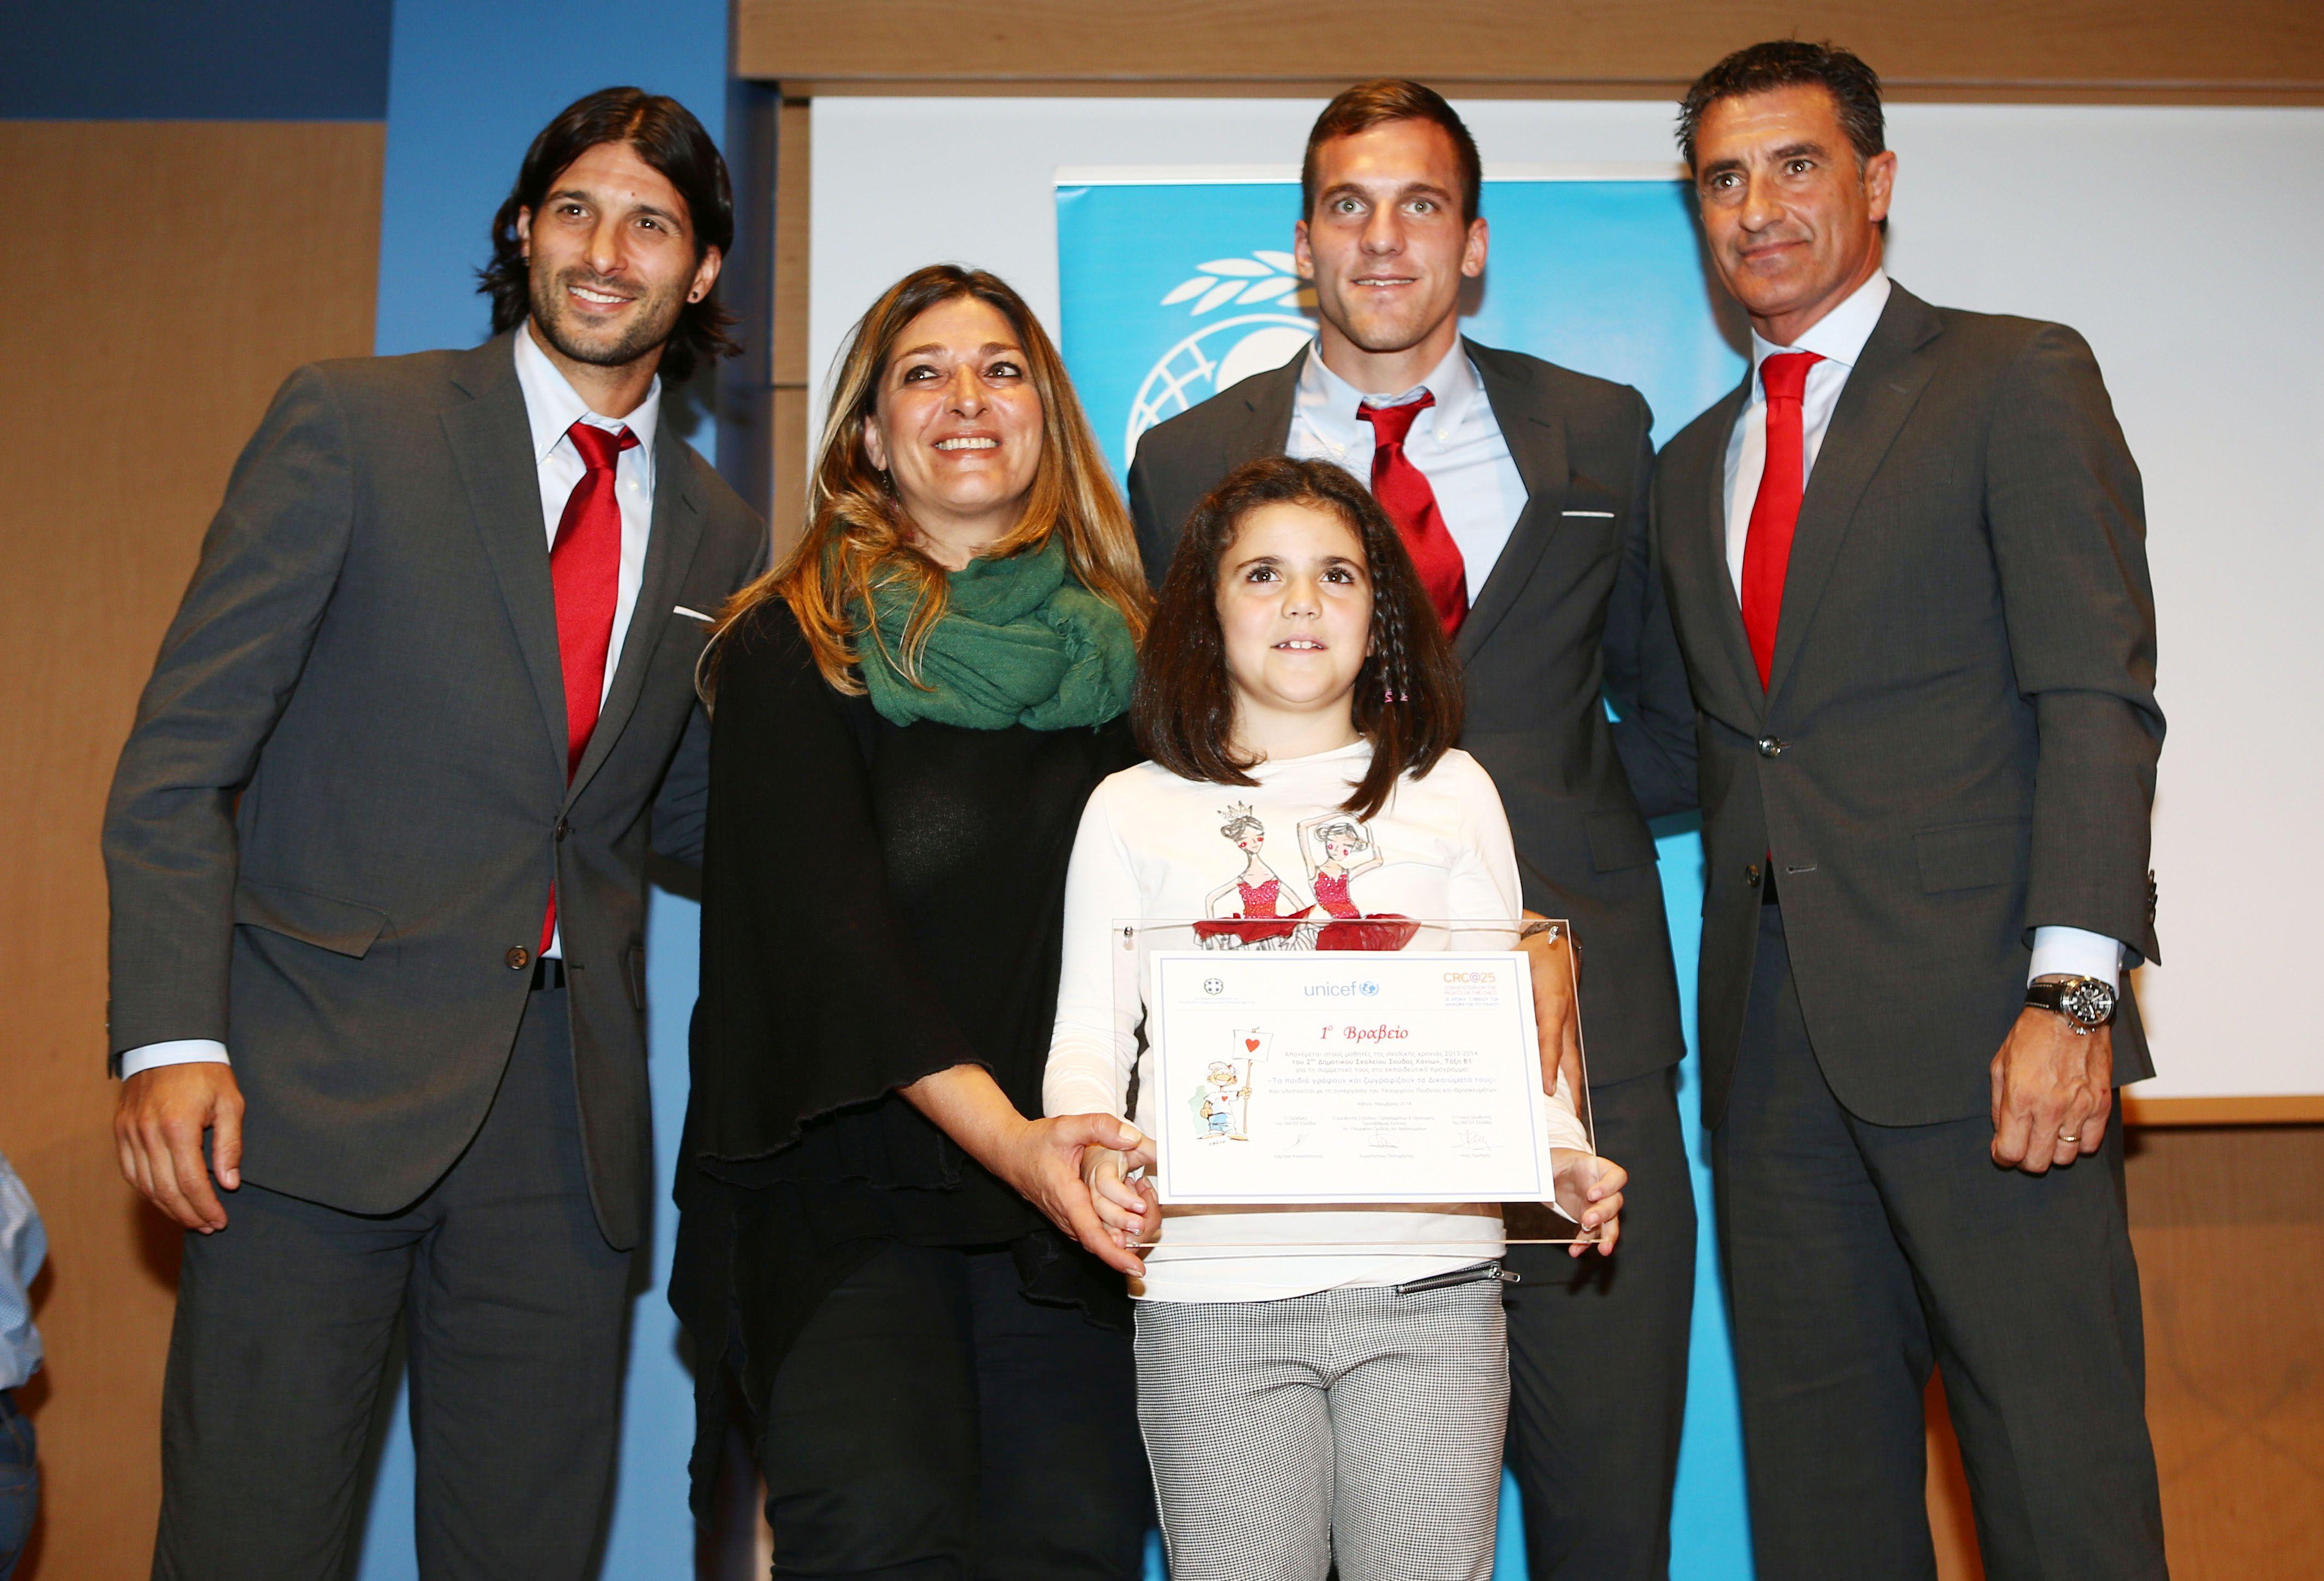 Ο Ολυμπιακός και η UNICEF βράβευσαν τα παιδιά!